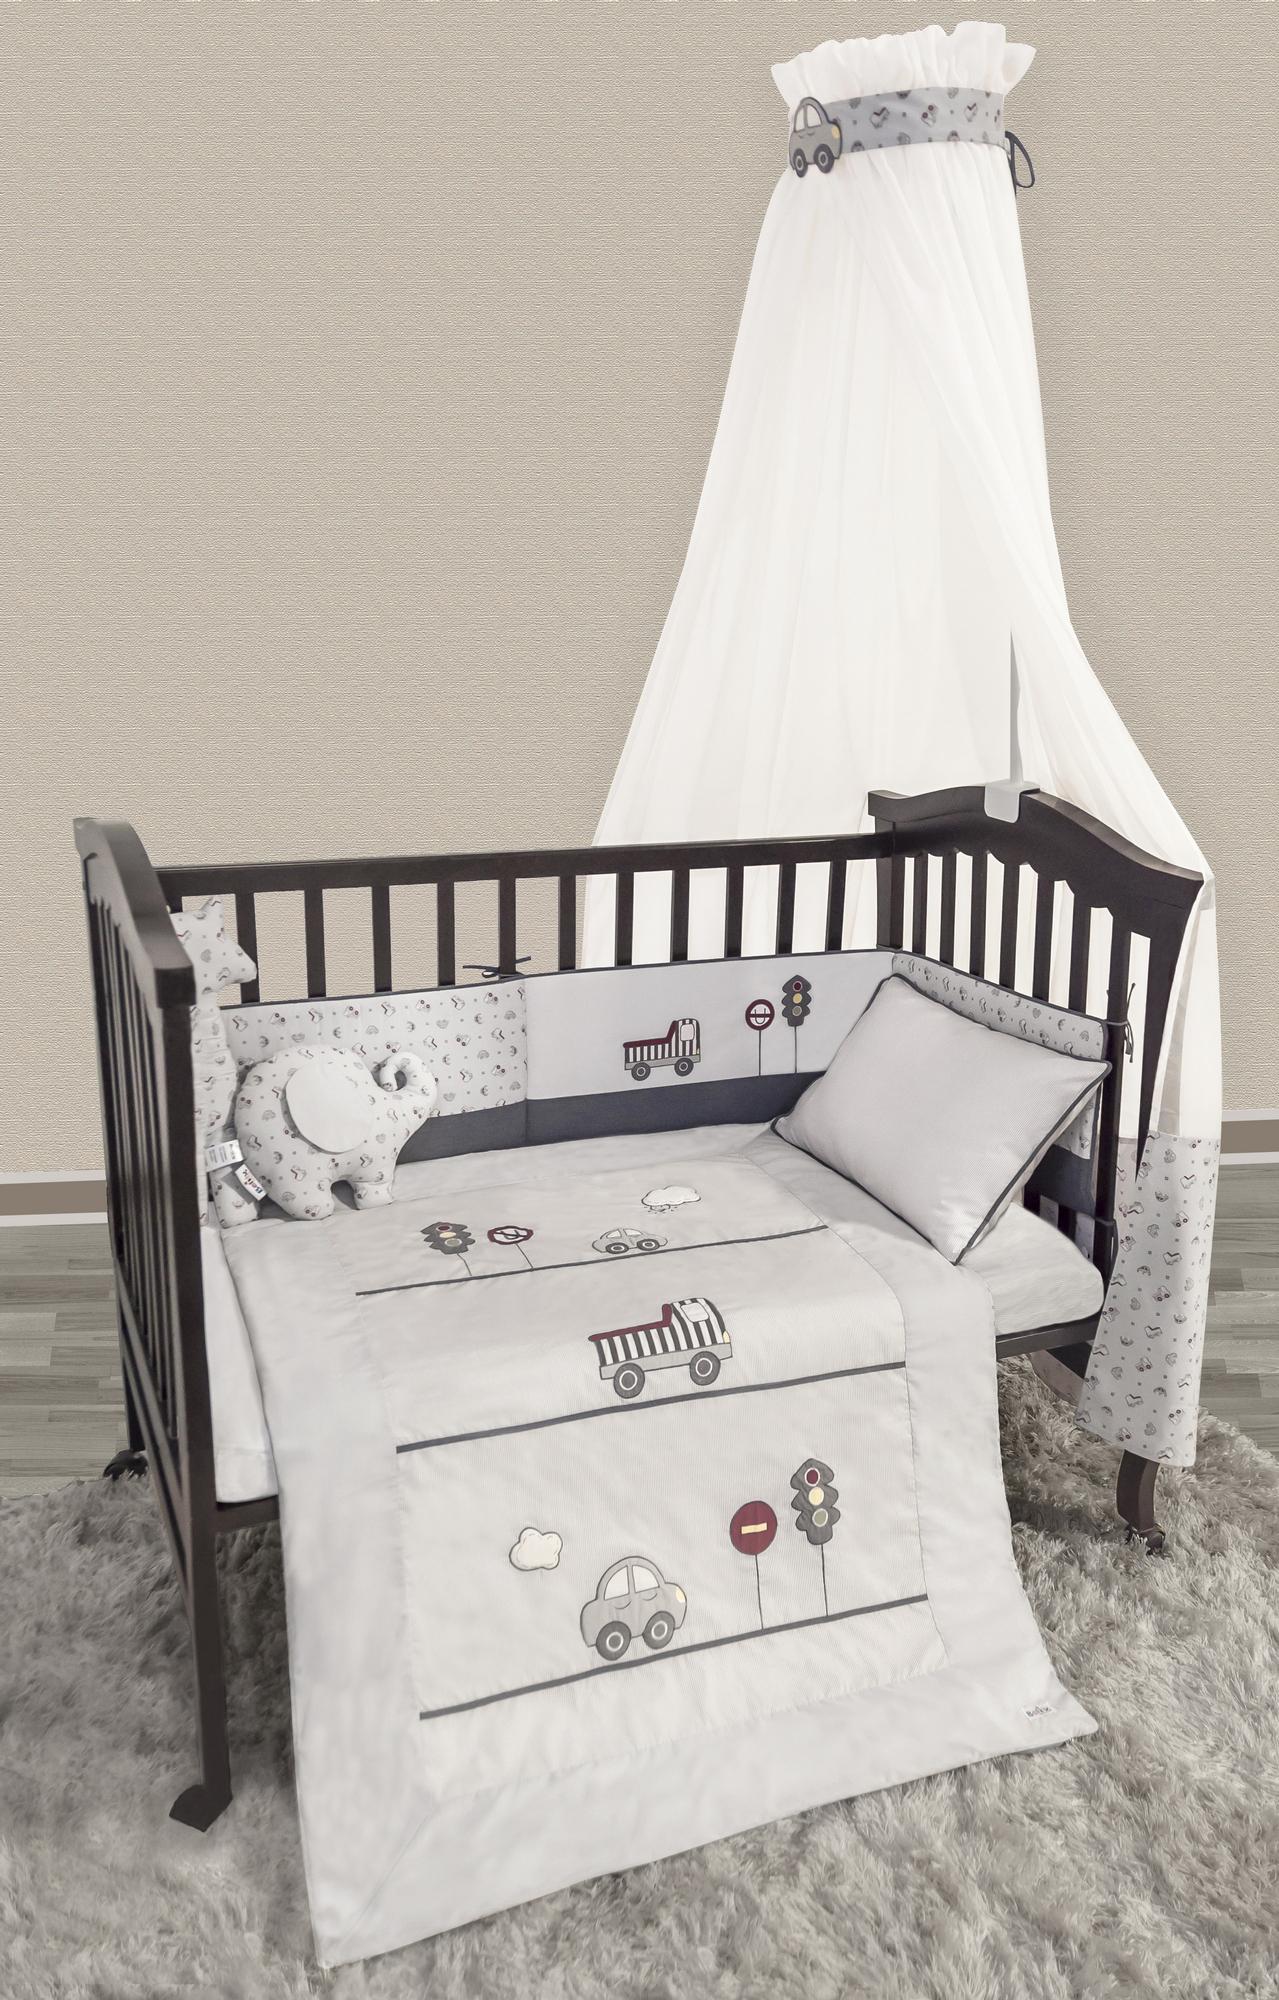 Babybed Aan Bed.Belily Traffic Babybed Set Label For Diaper Bags Nursing